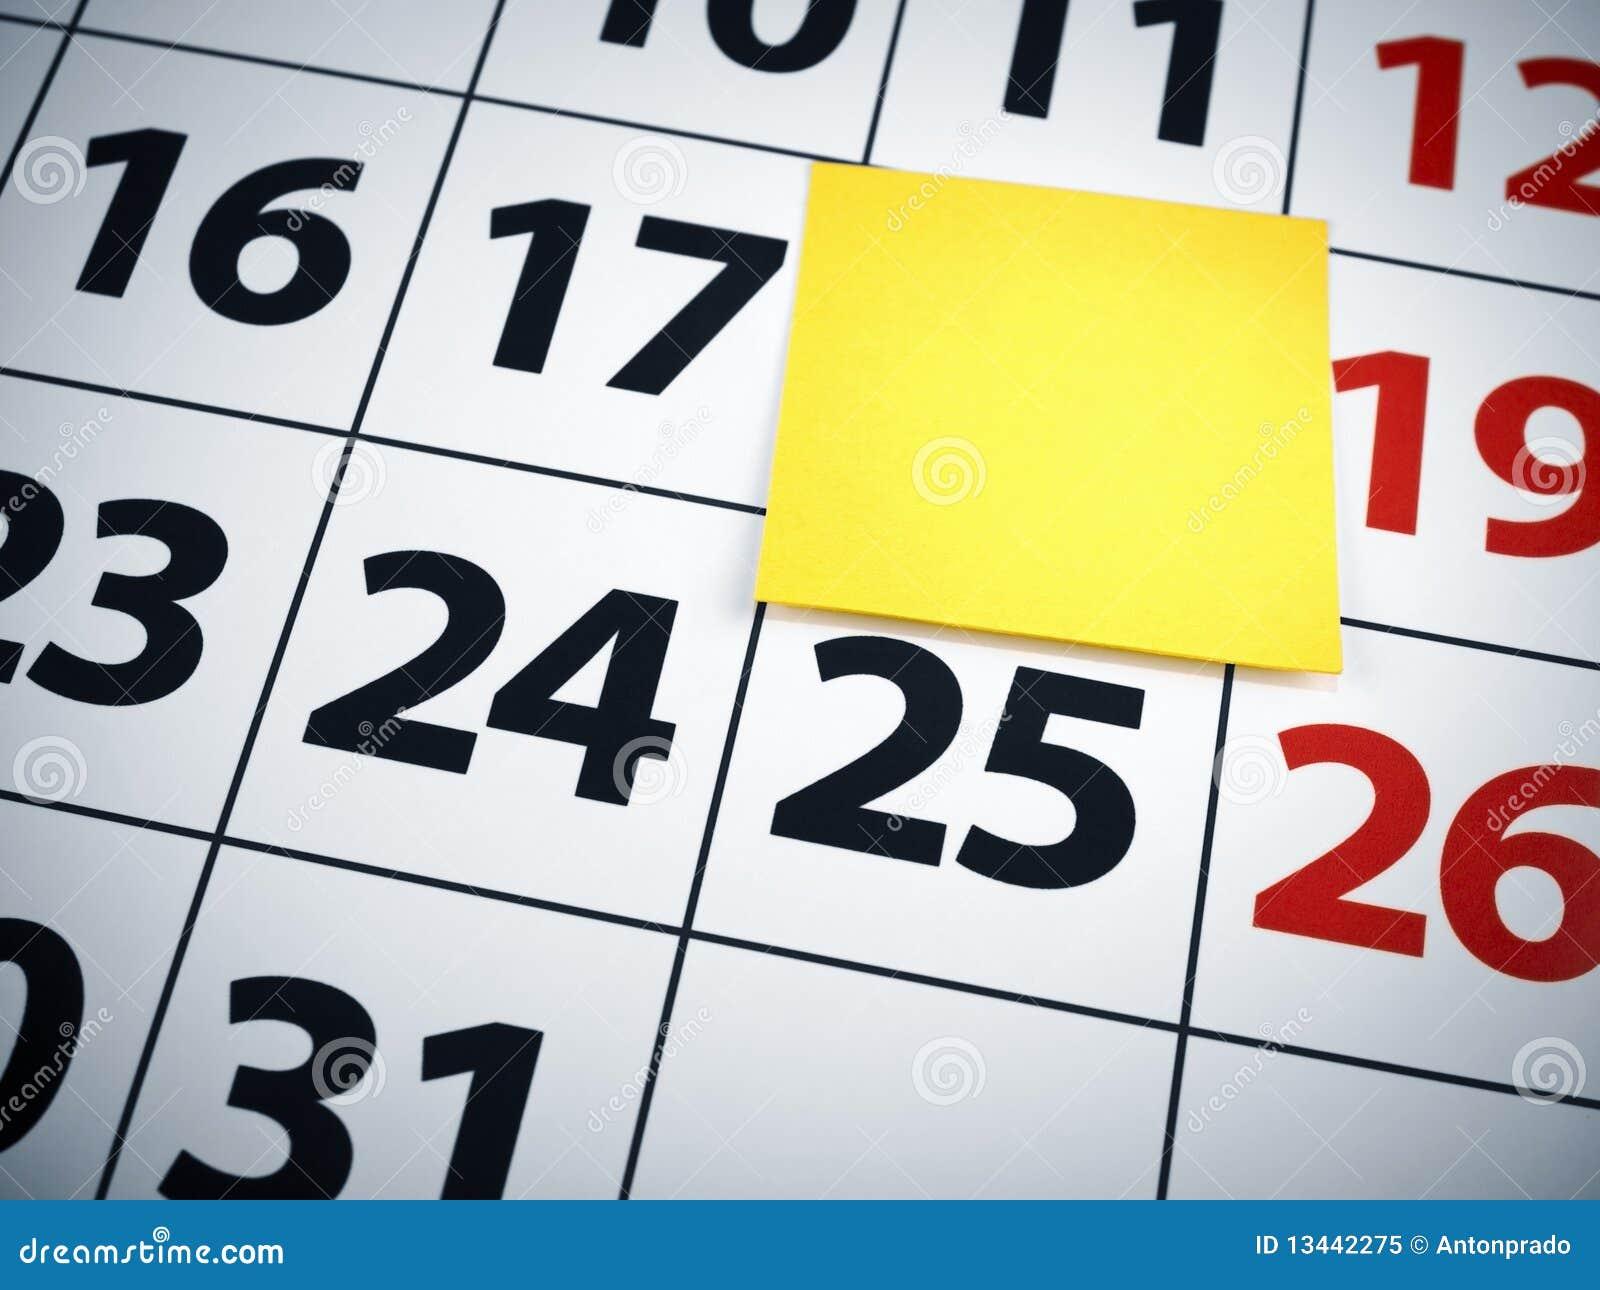 Weekly Calendar Sticky Notes : Sticky note on calendar stock image cartoondealer